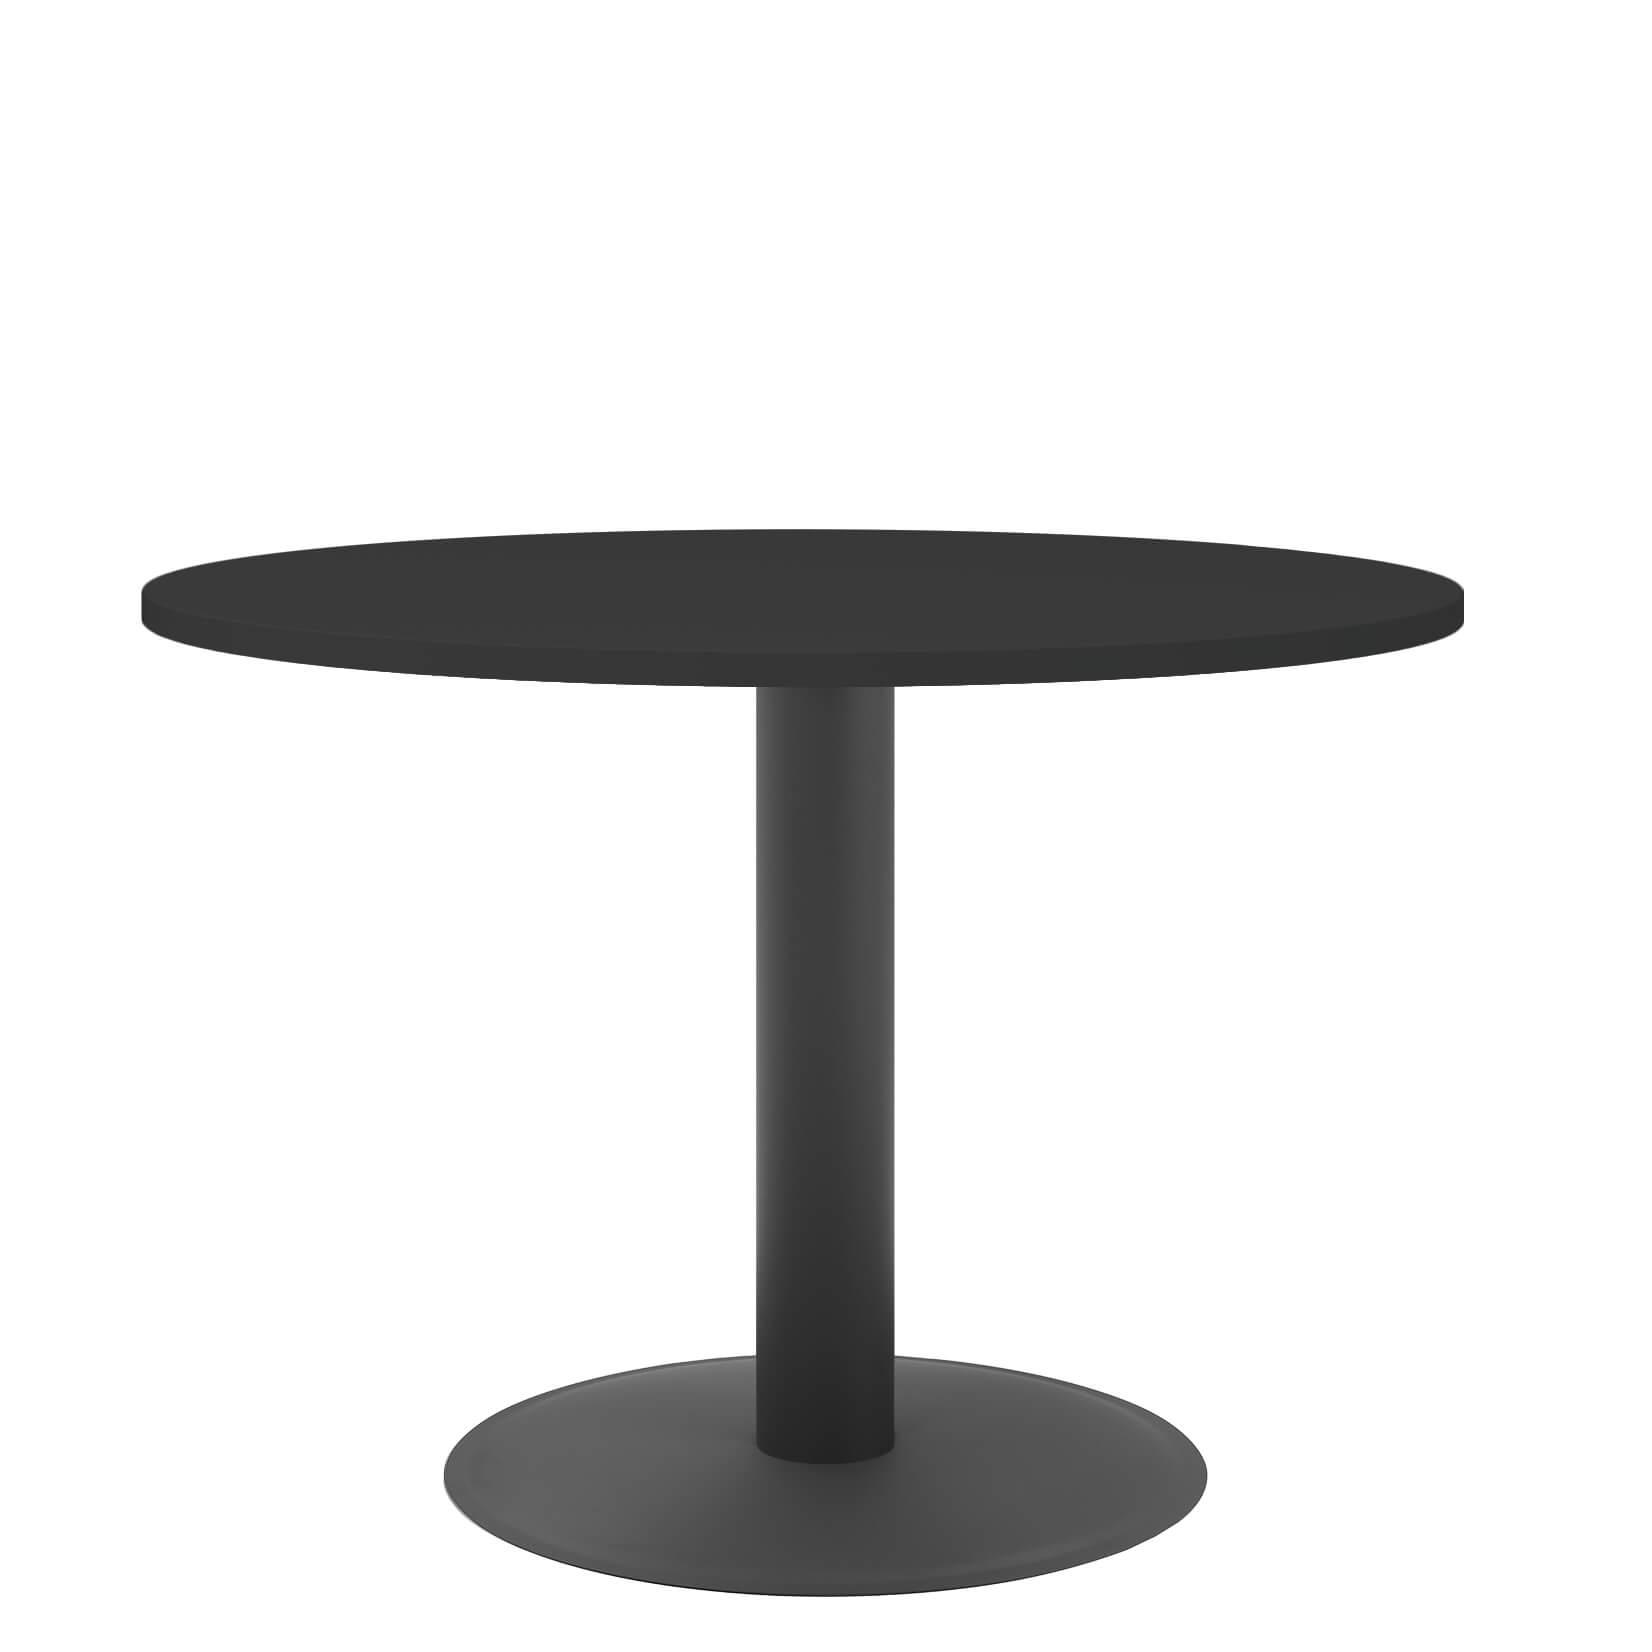 OPTIMA runder Besprechungstisch Ø 100 cm Anthrazit Anthrazites Gestell Tisch Esstisch